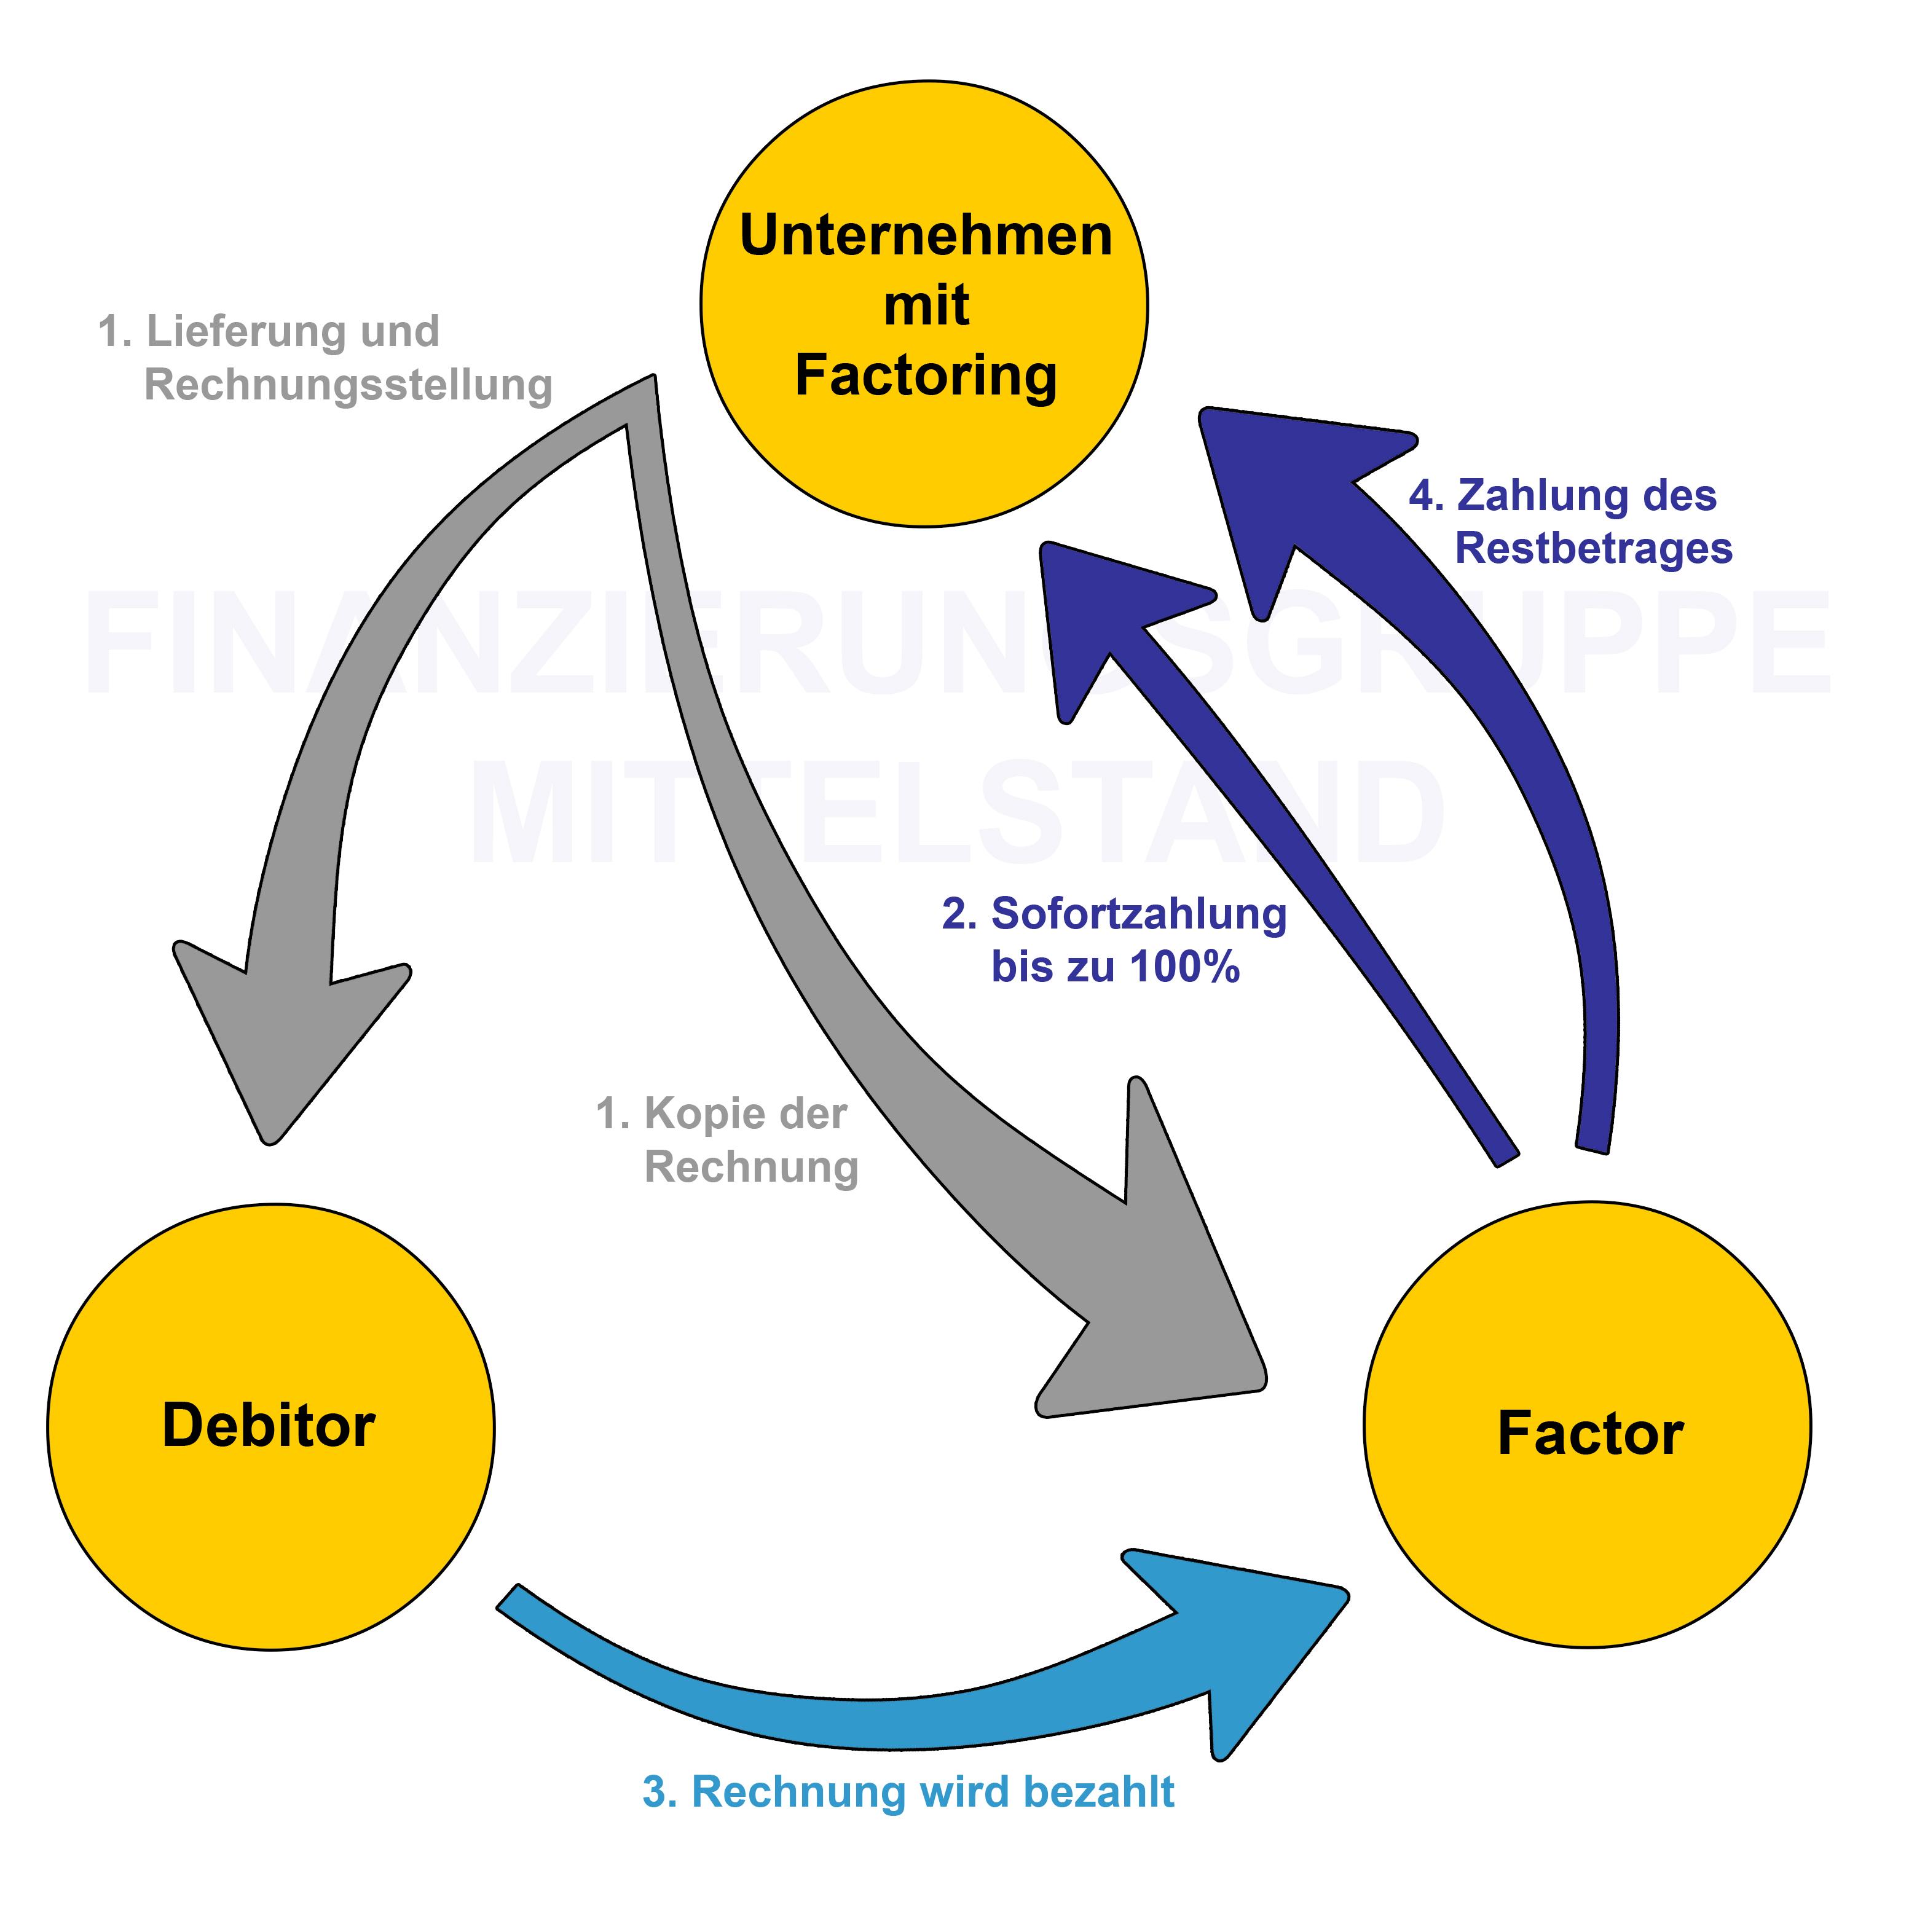 Реверсивный факторинг схема работы